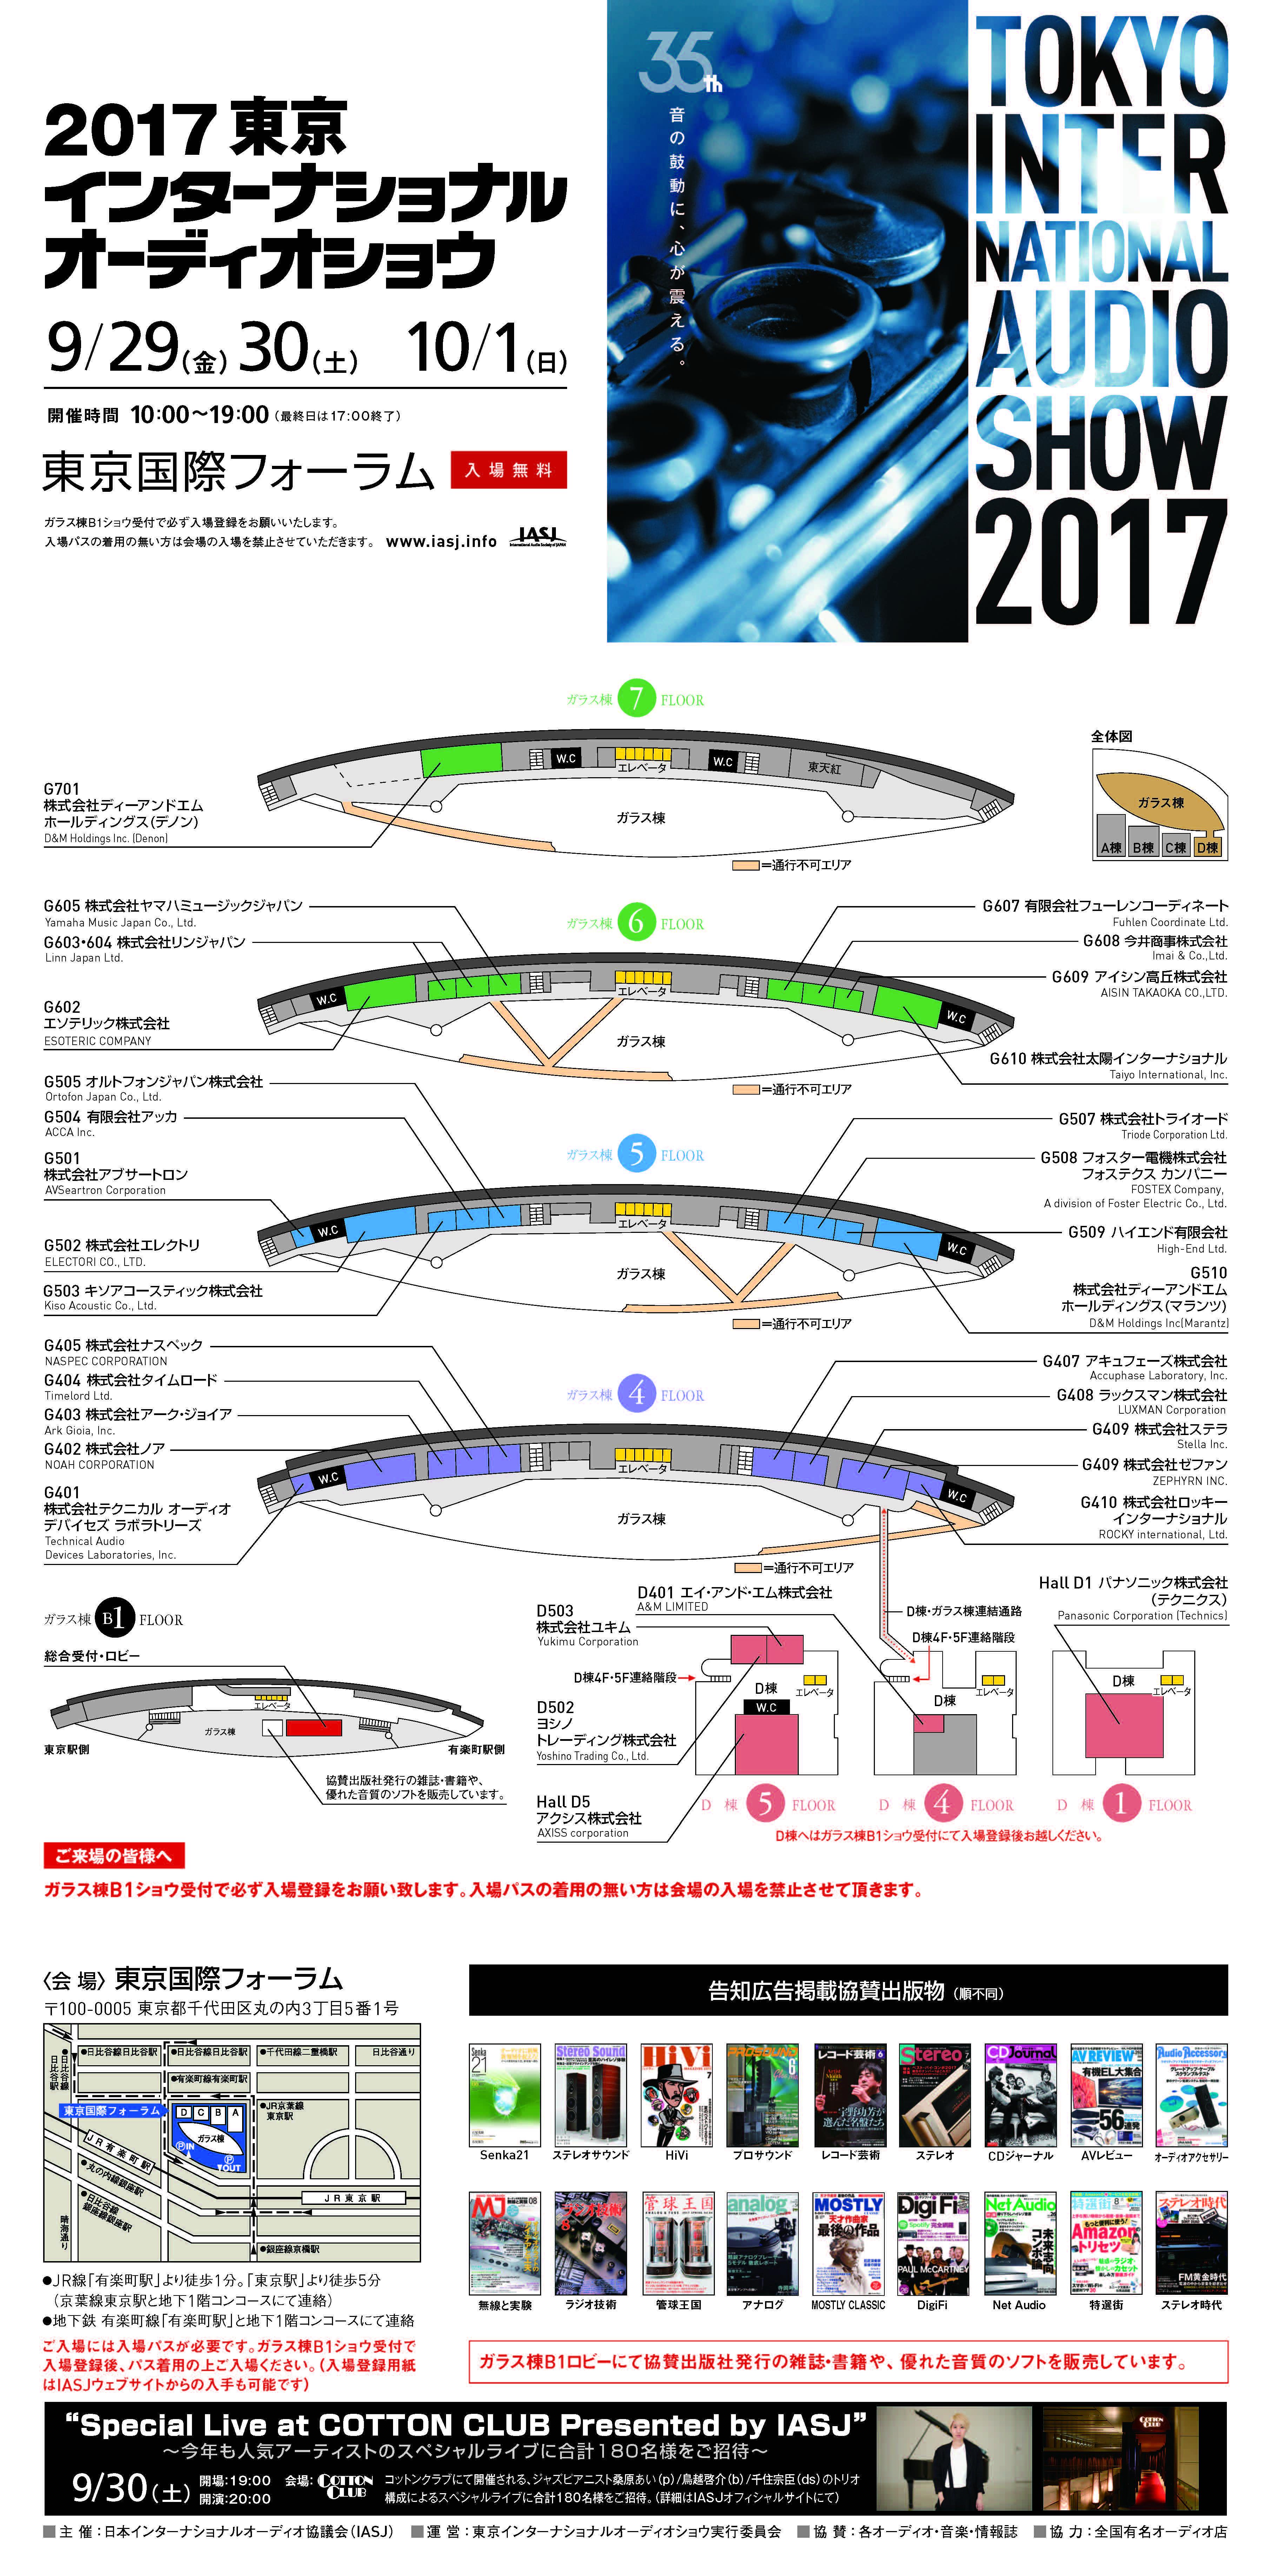 2017 東京インターナショナルオーディオショウパンフレット